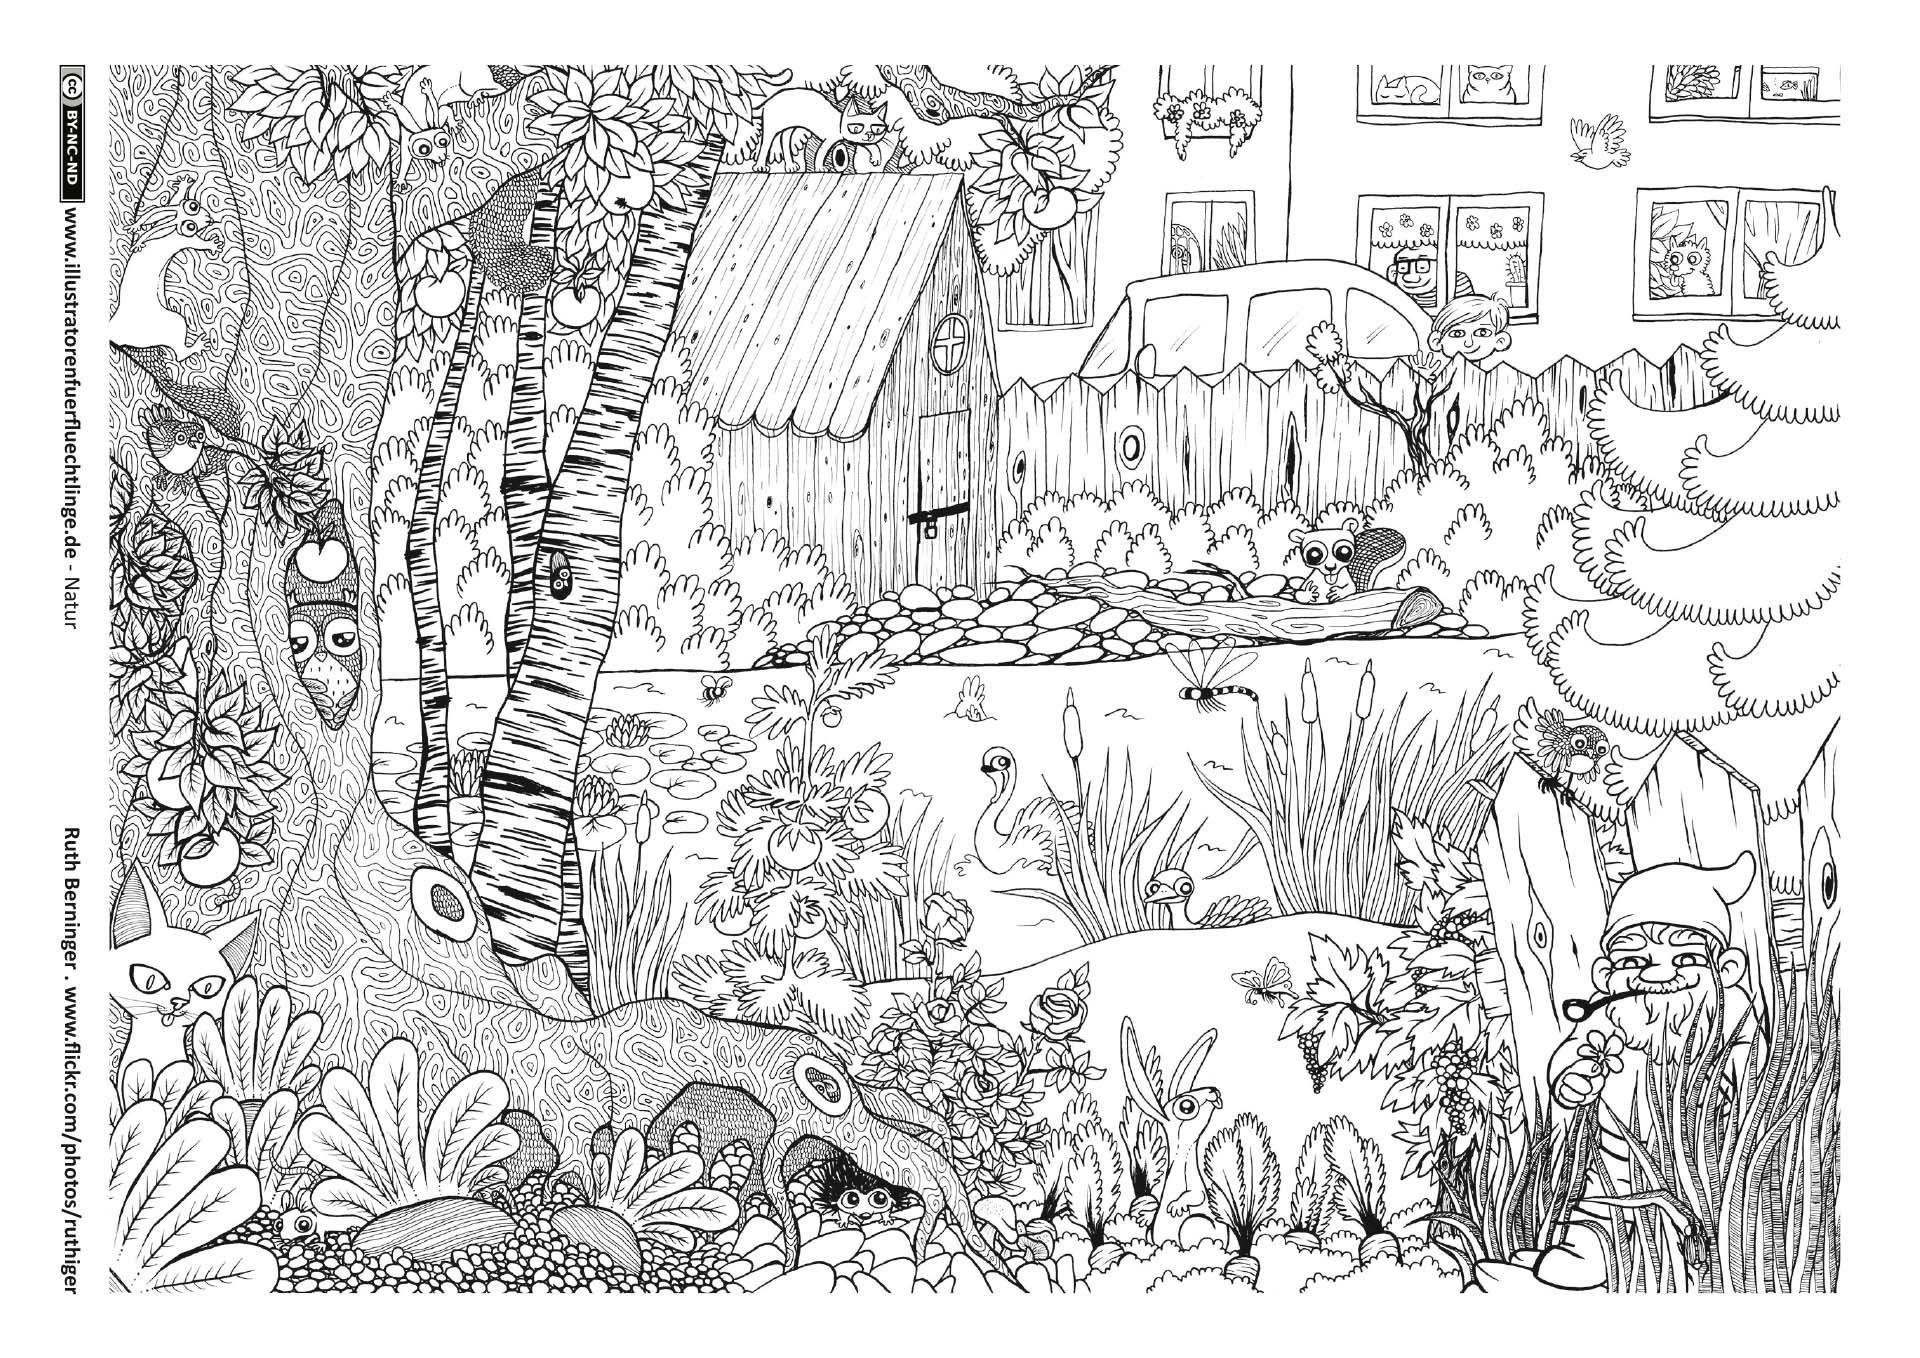 Ausmalbilder Haus Mit Garten Genial Traktoren Bilder Zum Ausmalen Bildervorlagen E Malen Einzigartig Galerie